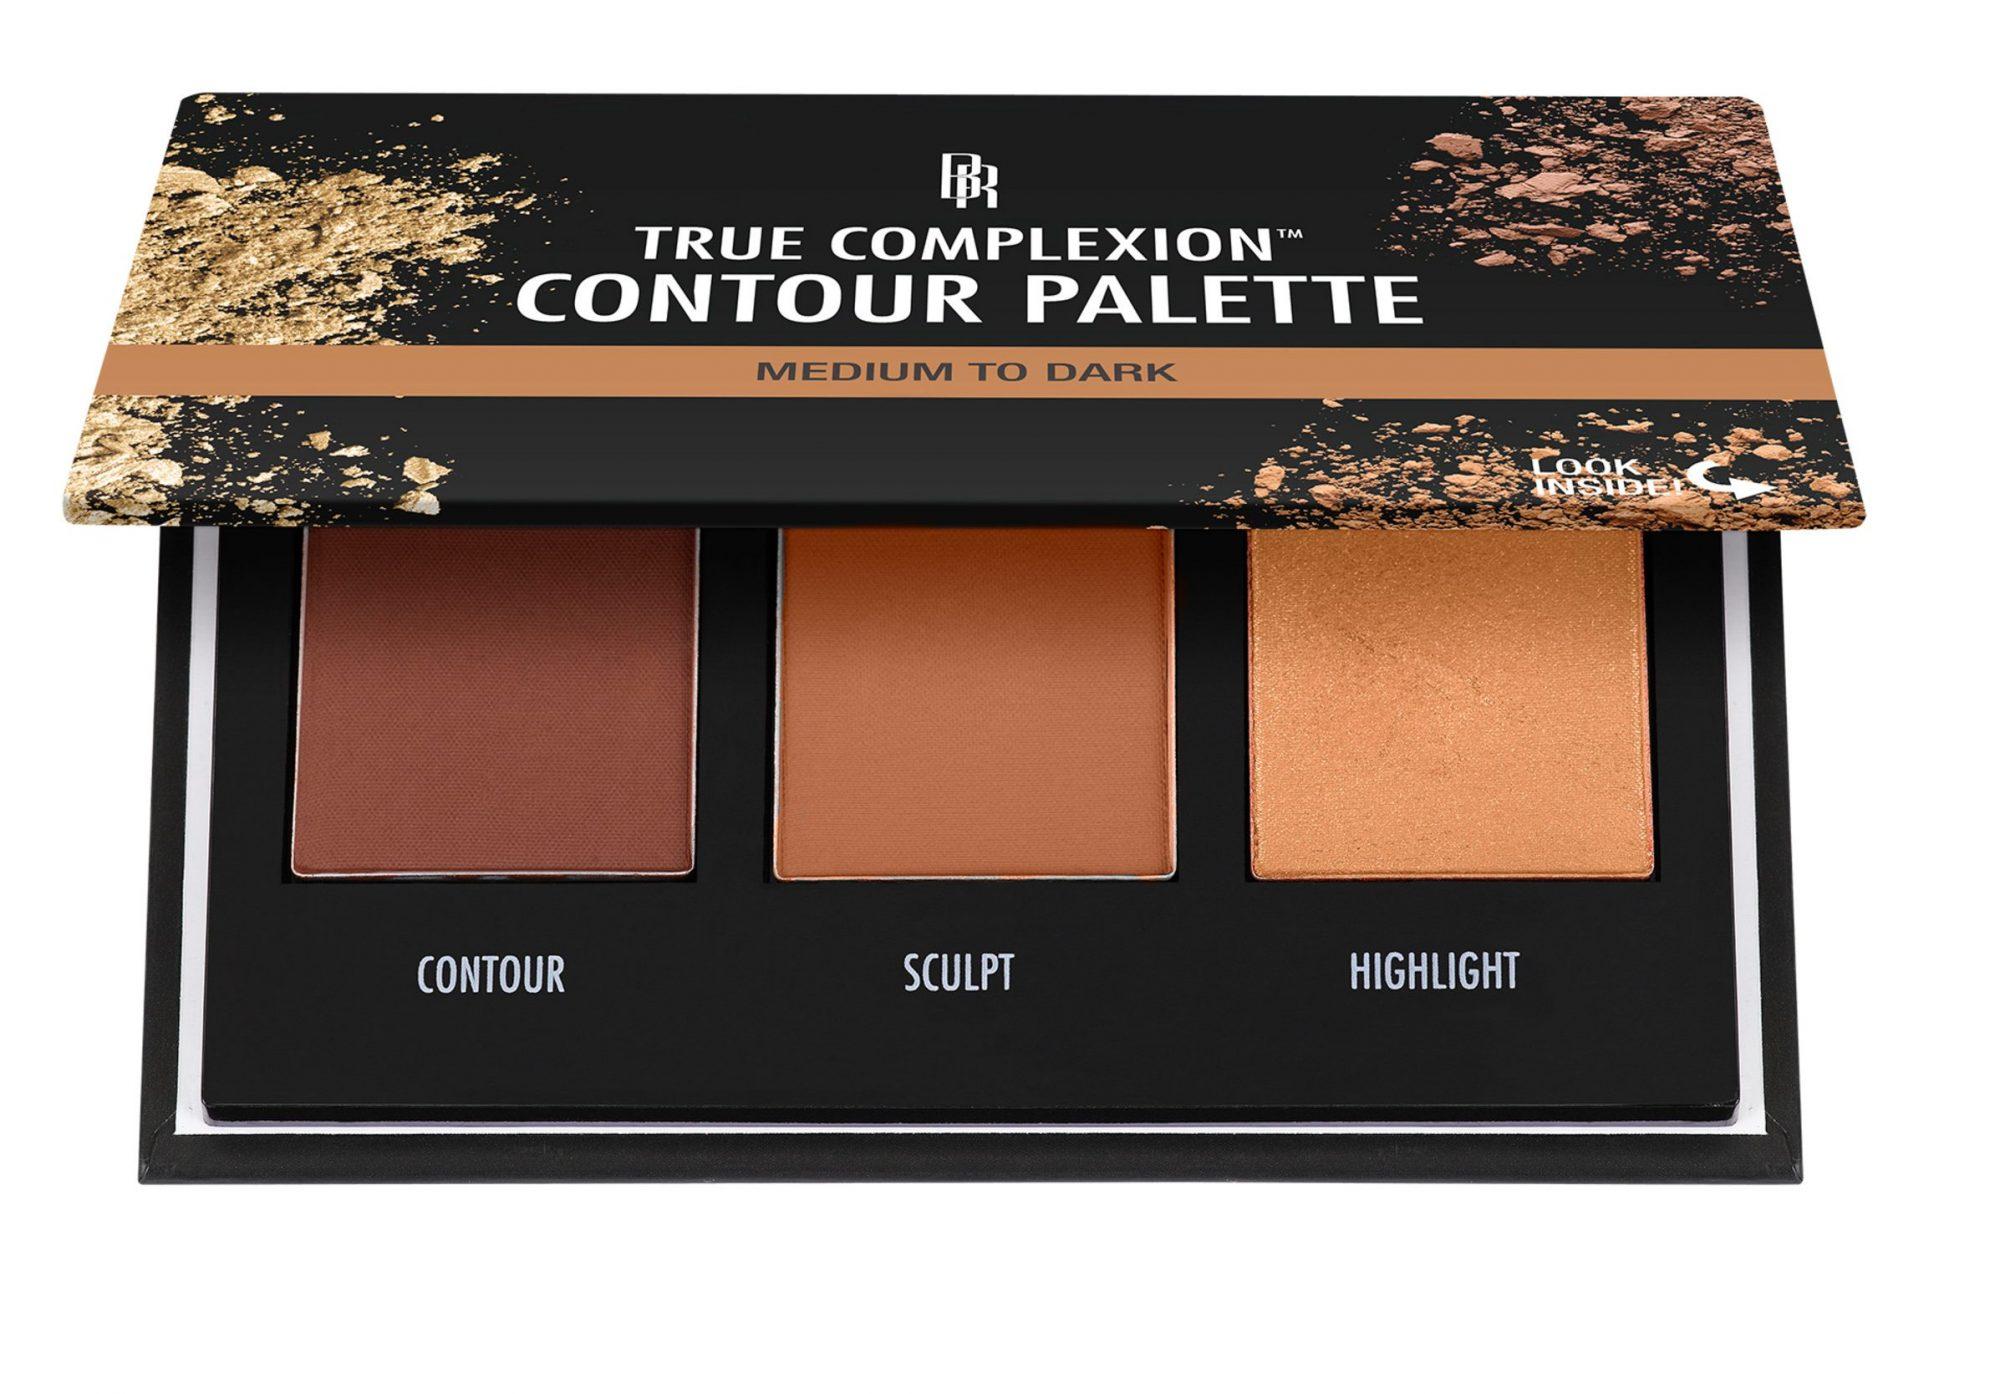 Black-Radiance-True-Complexion-Contour-Palette-e1556408990907.jpeg